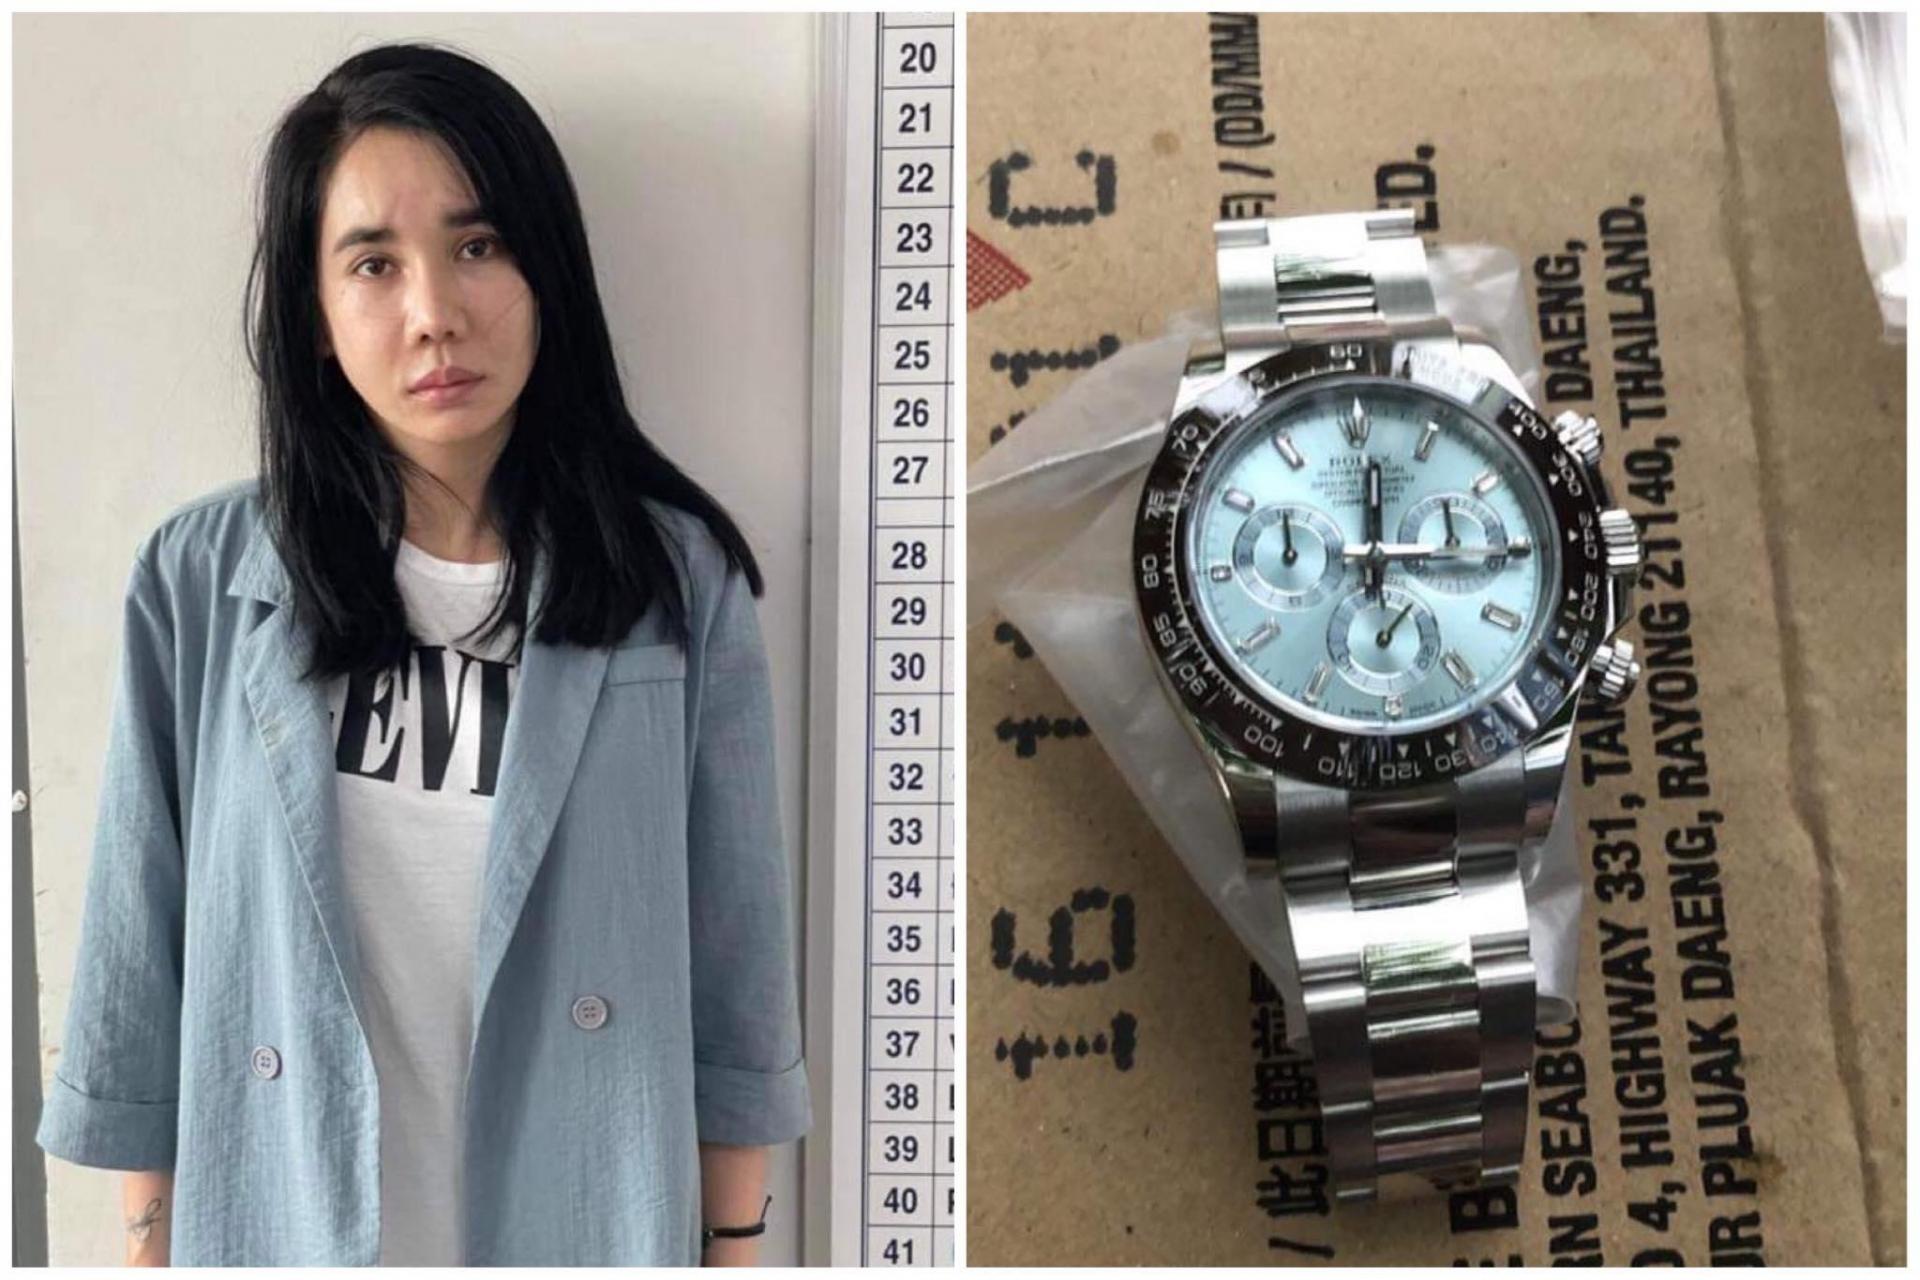 Hốt hoảng với nhan sắc của hoa hậu bị bắt vì trộm đồng hồ Rolex 2 tỷ của bạn trai 1